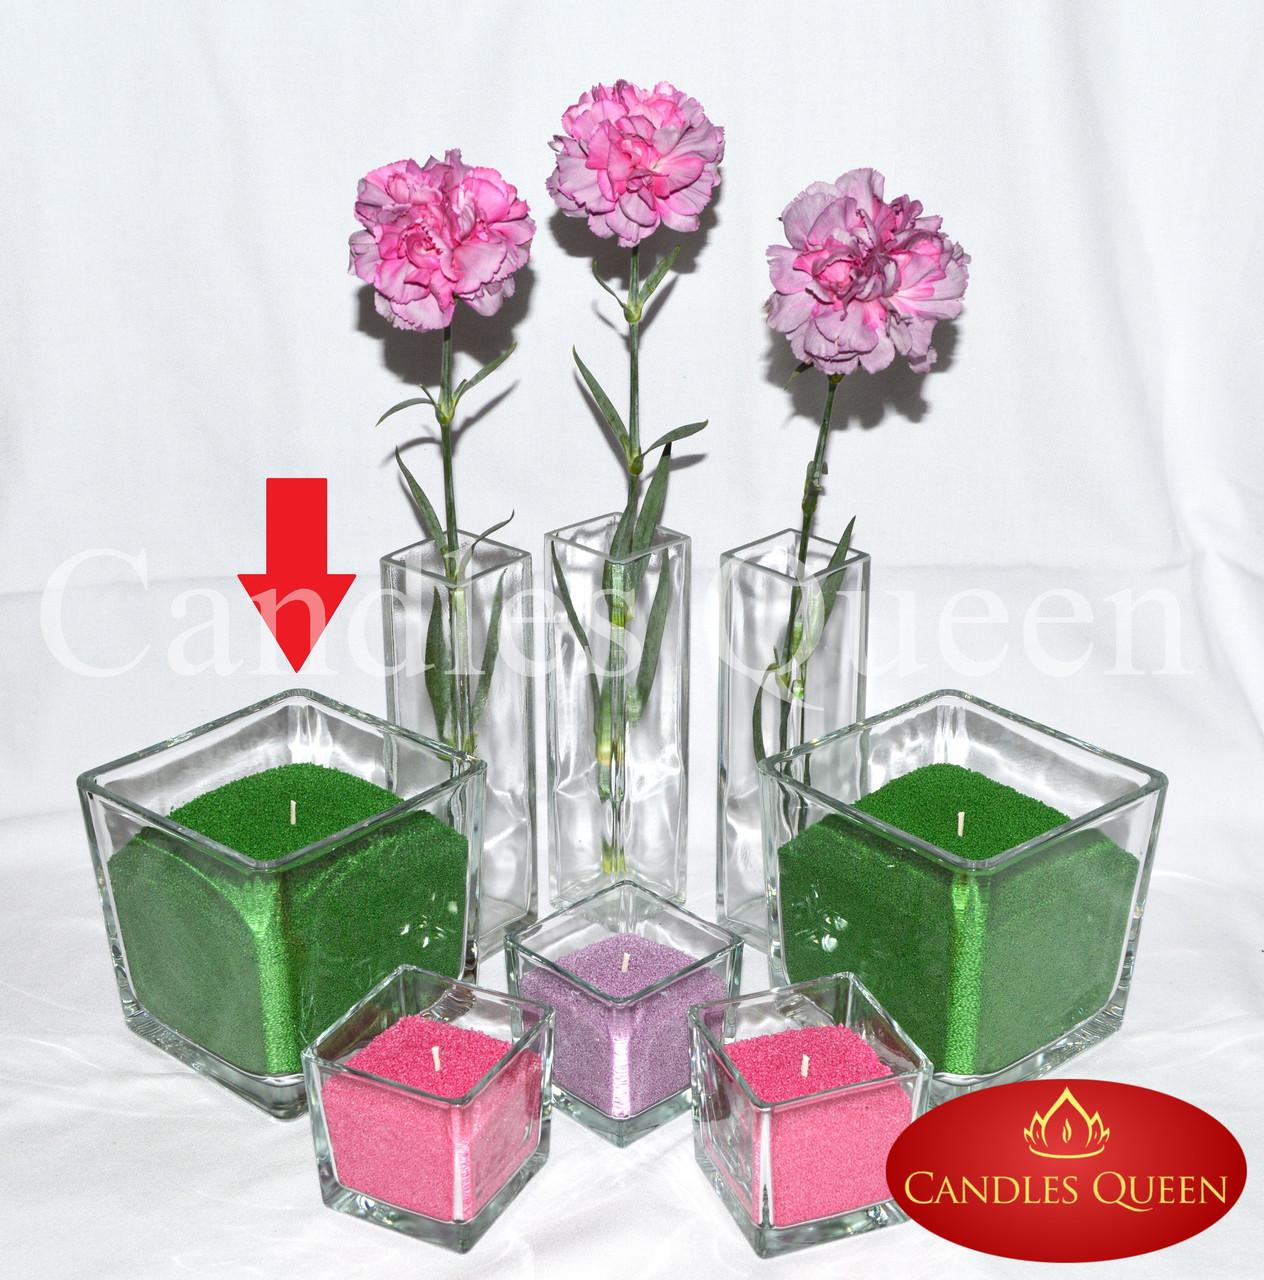 Ваза квадратная (ваза куб) 14х14х14 см подсвечник для насыпной свечи, флористики, декора, салатник, конфетница